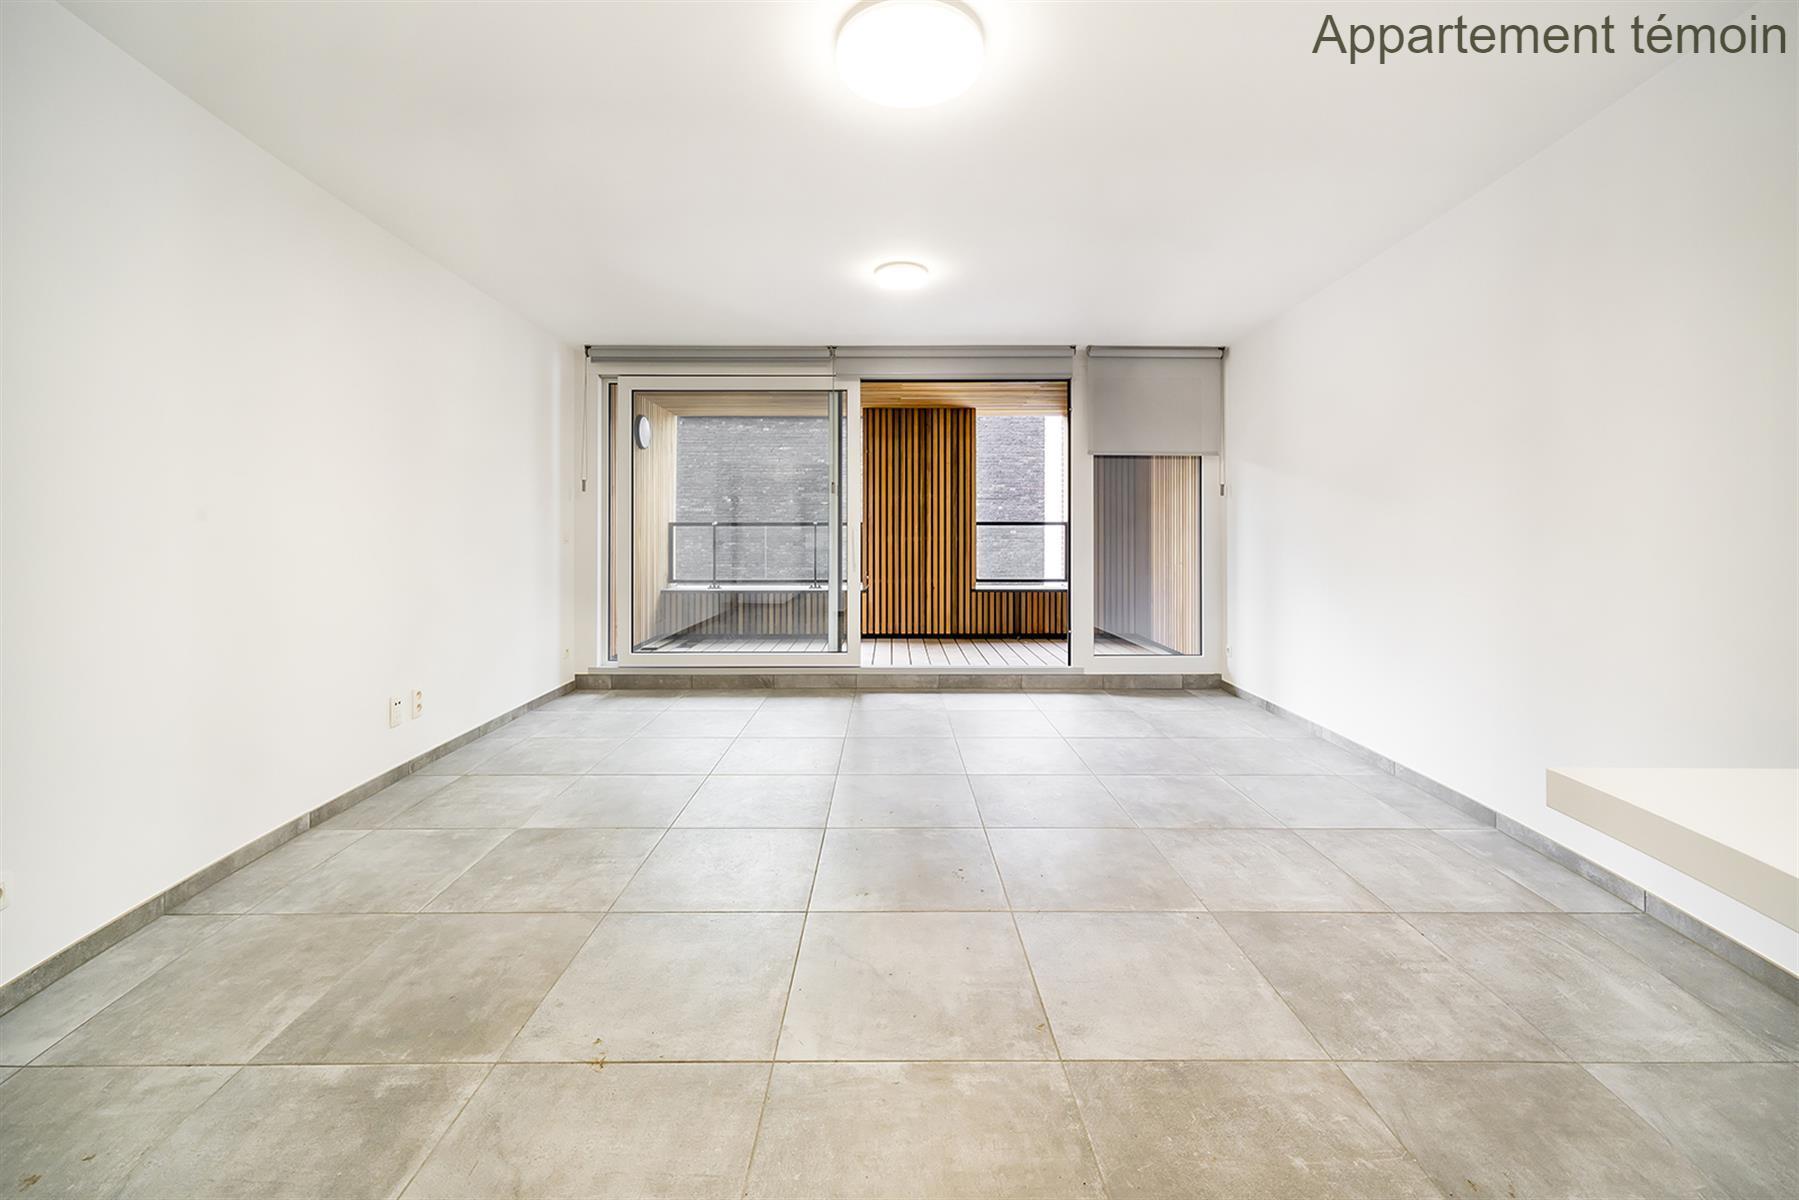 Appartement - Hannut - #3730193-13